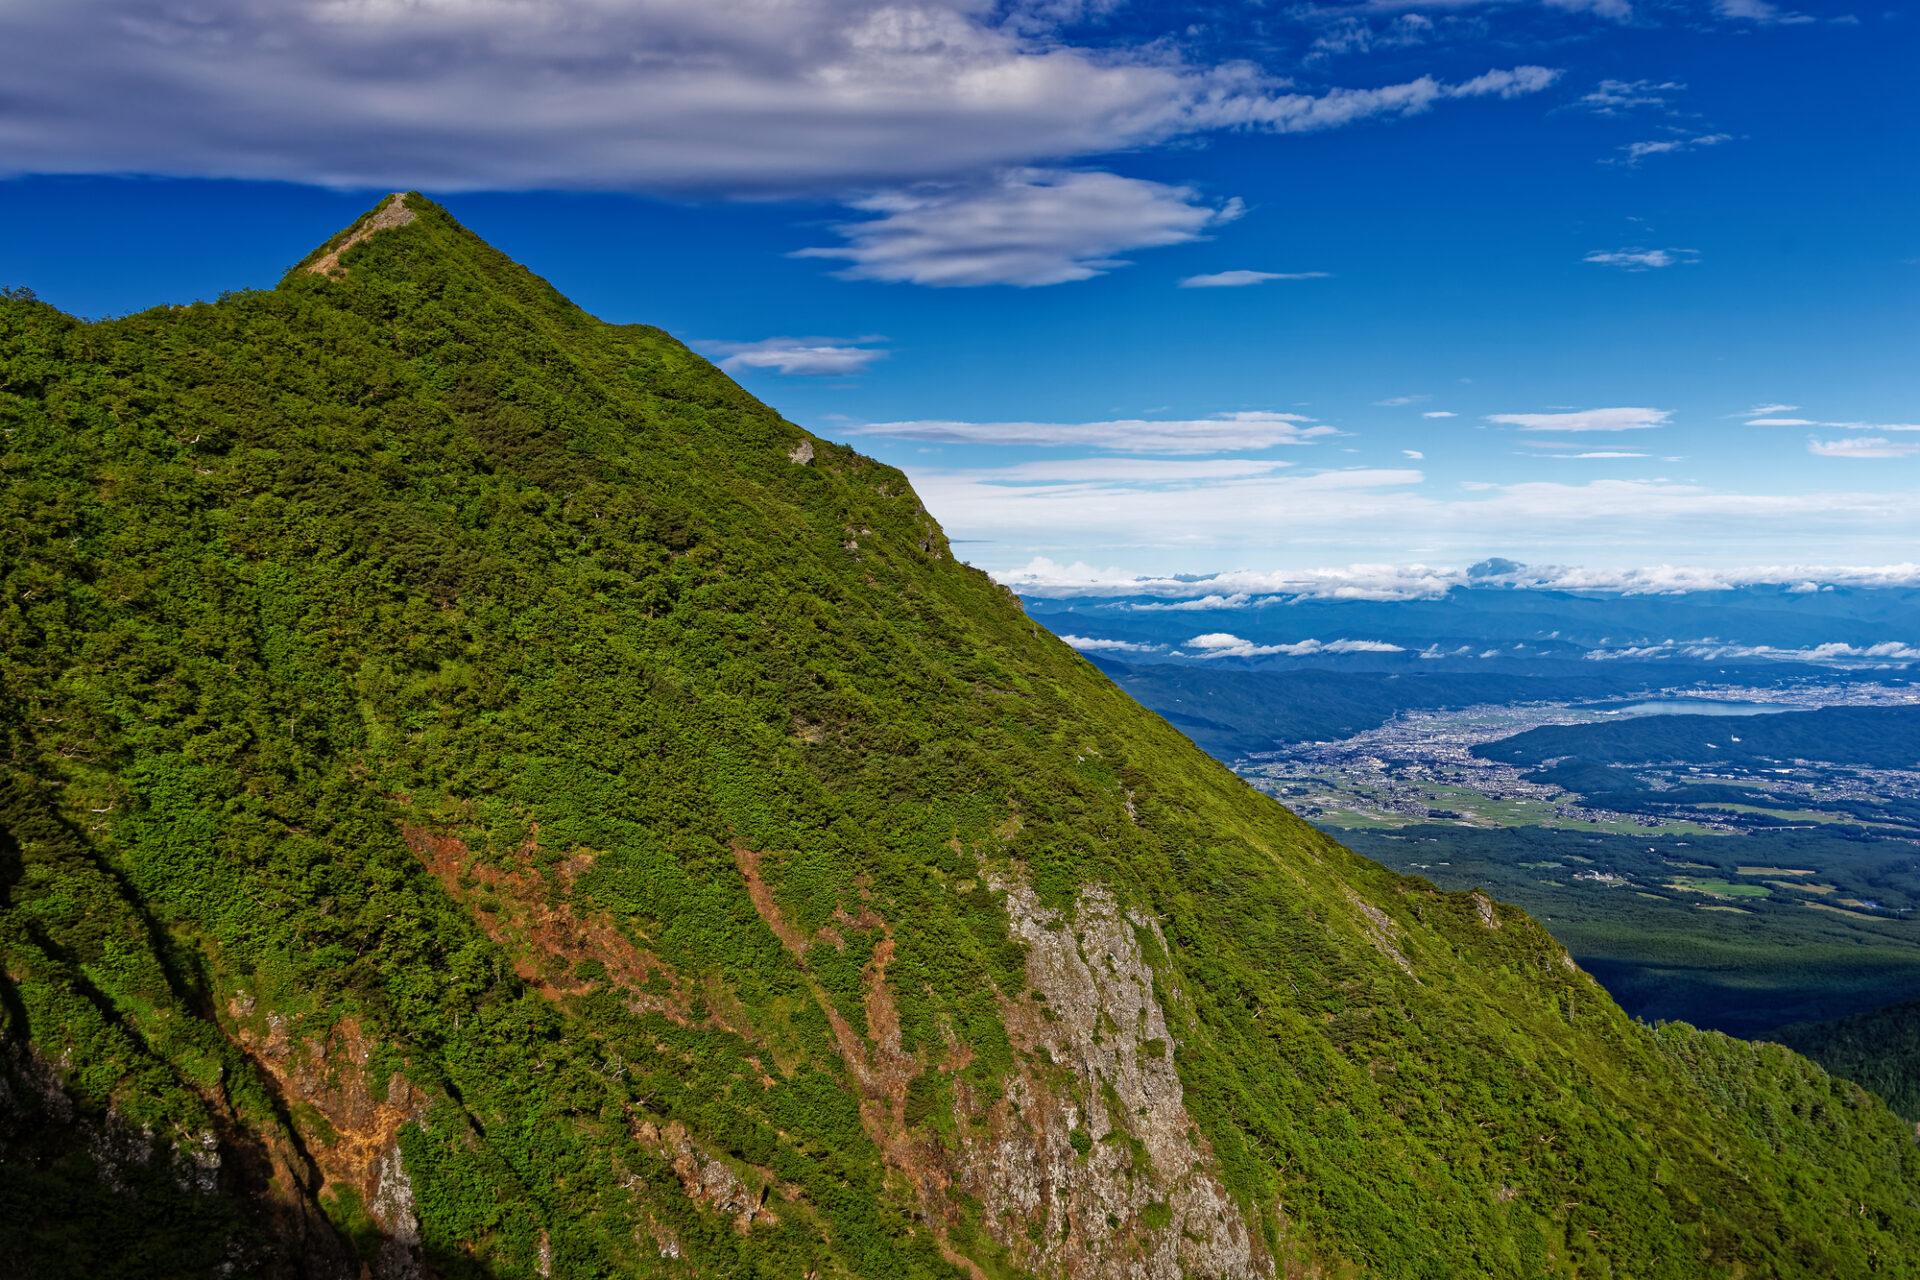 高い山と広大な土地